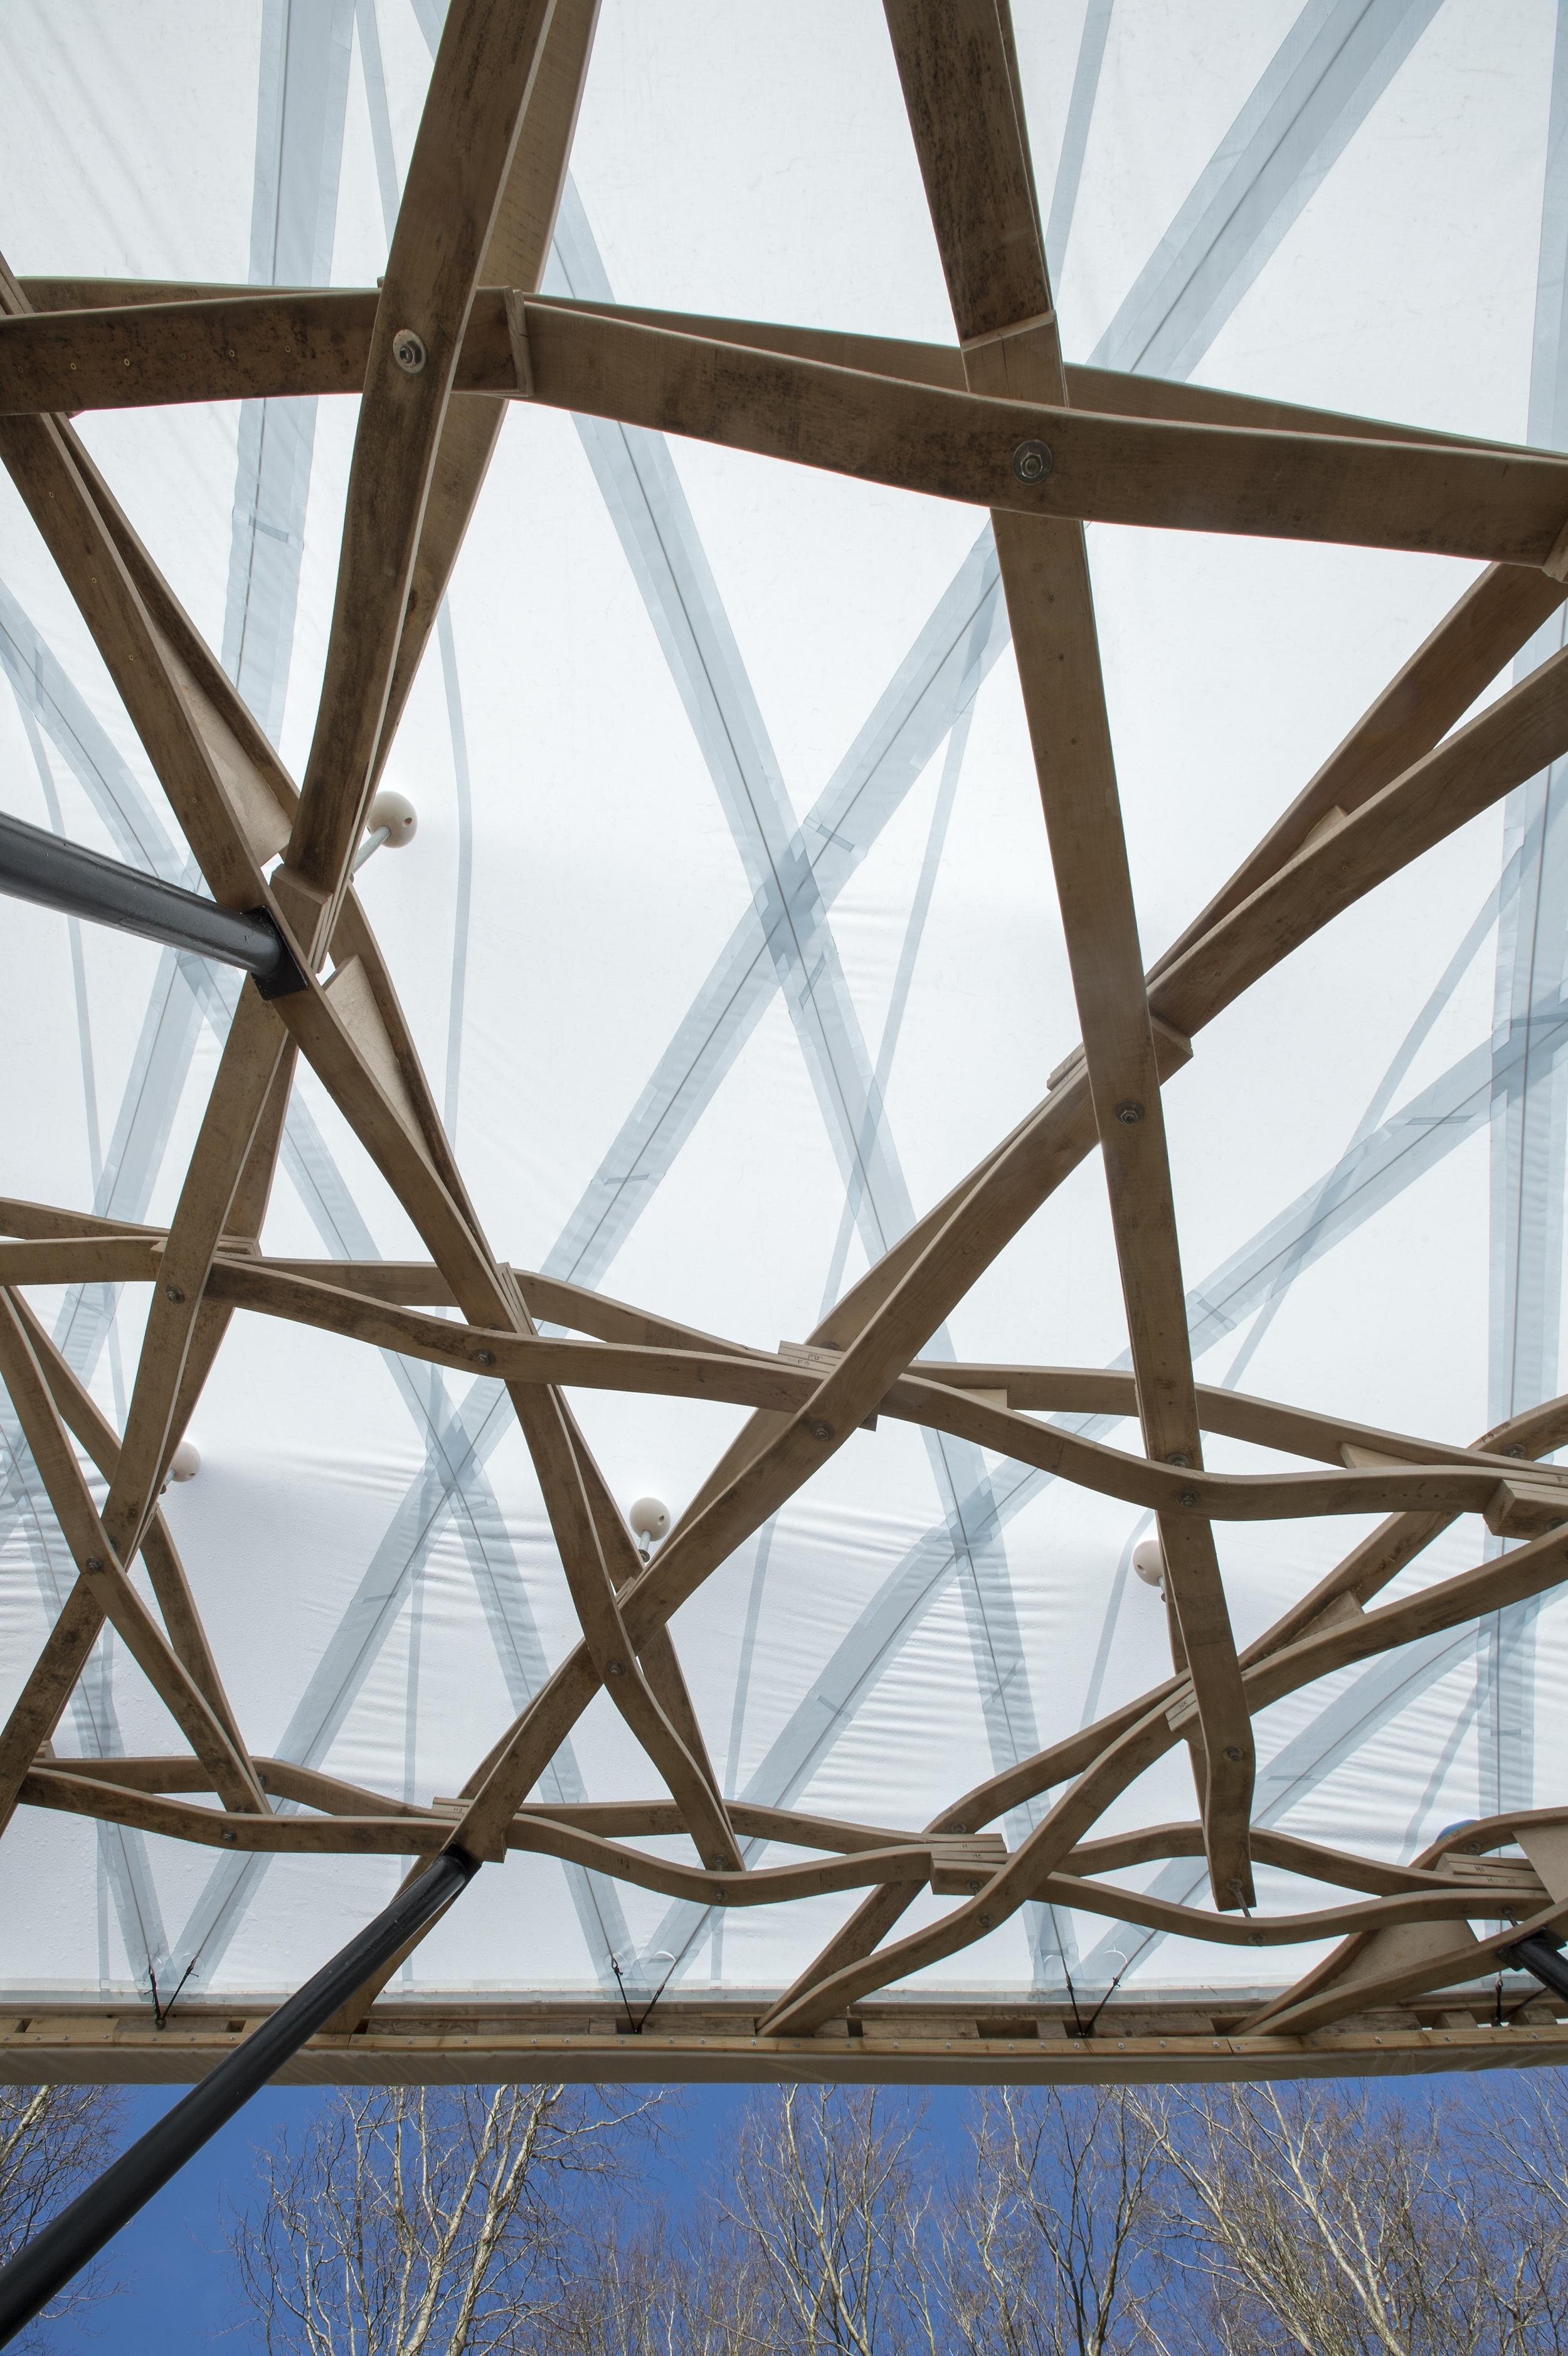 Hooke_Park_Design_&_Make_Timber_Seasoning_Shelter_©Valerie_Bennett_2014_02_22_0011.jpg